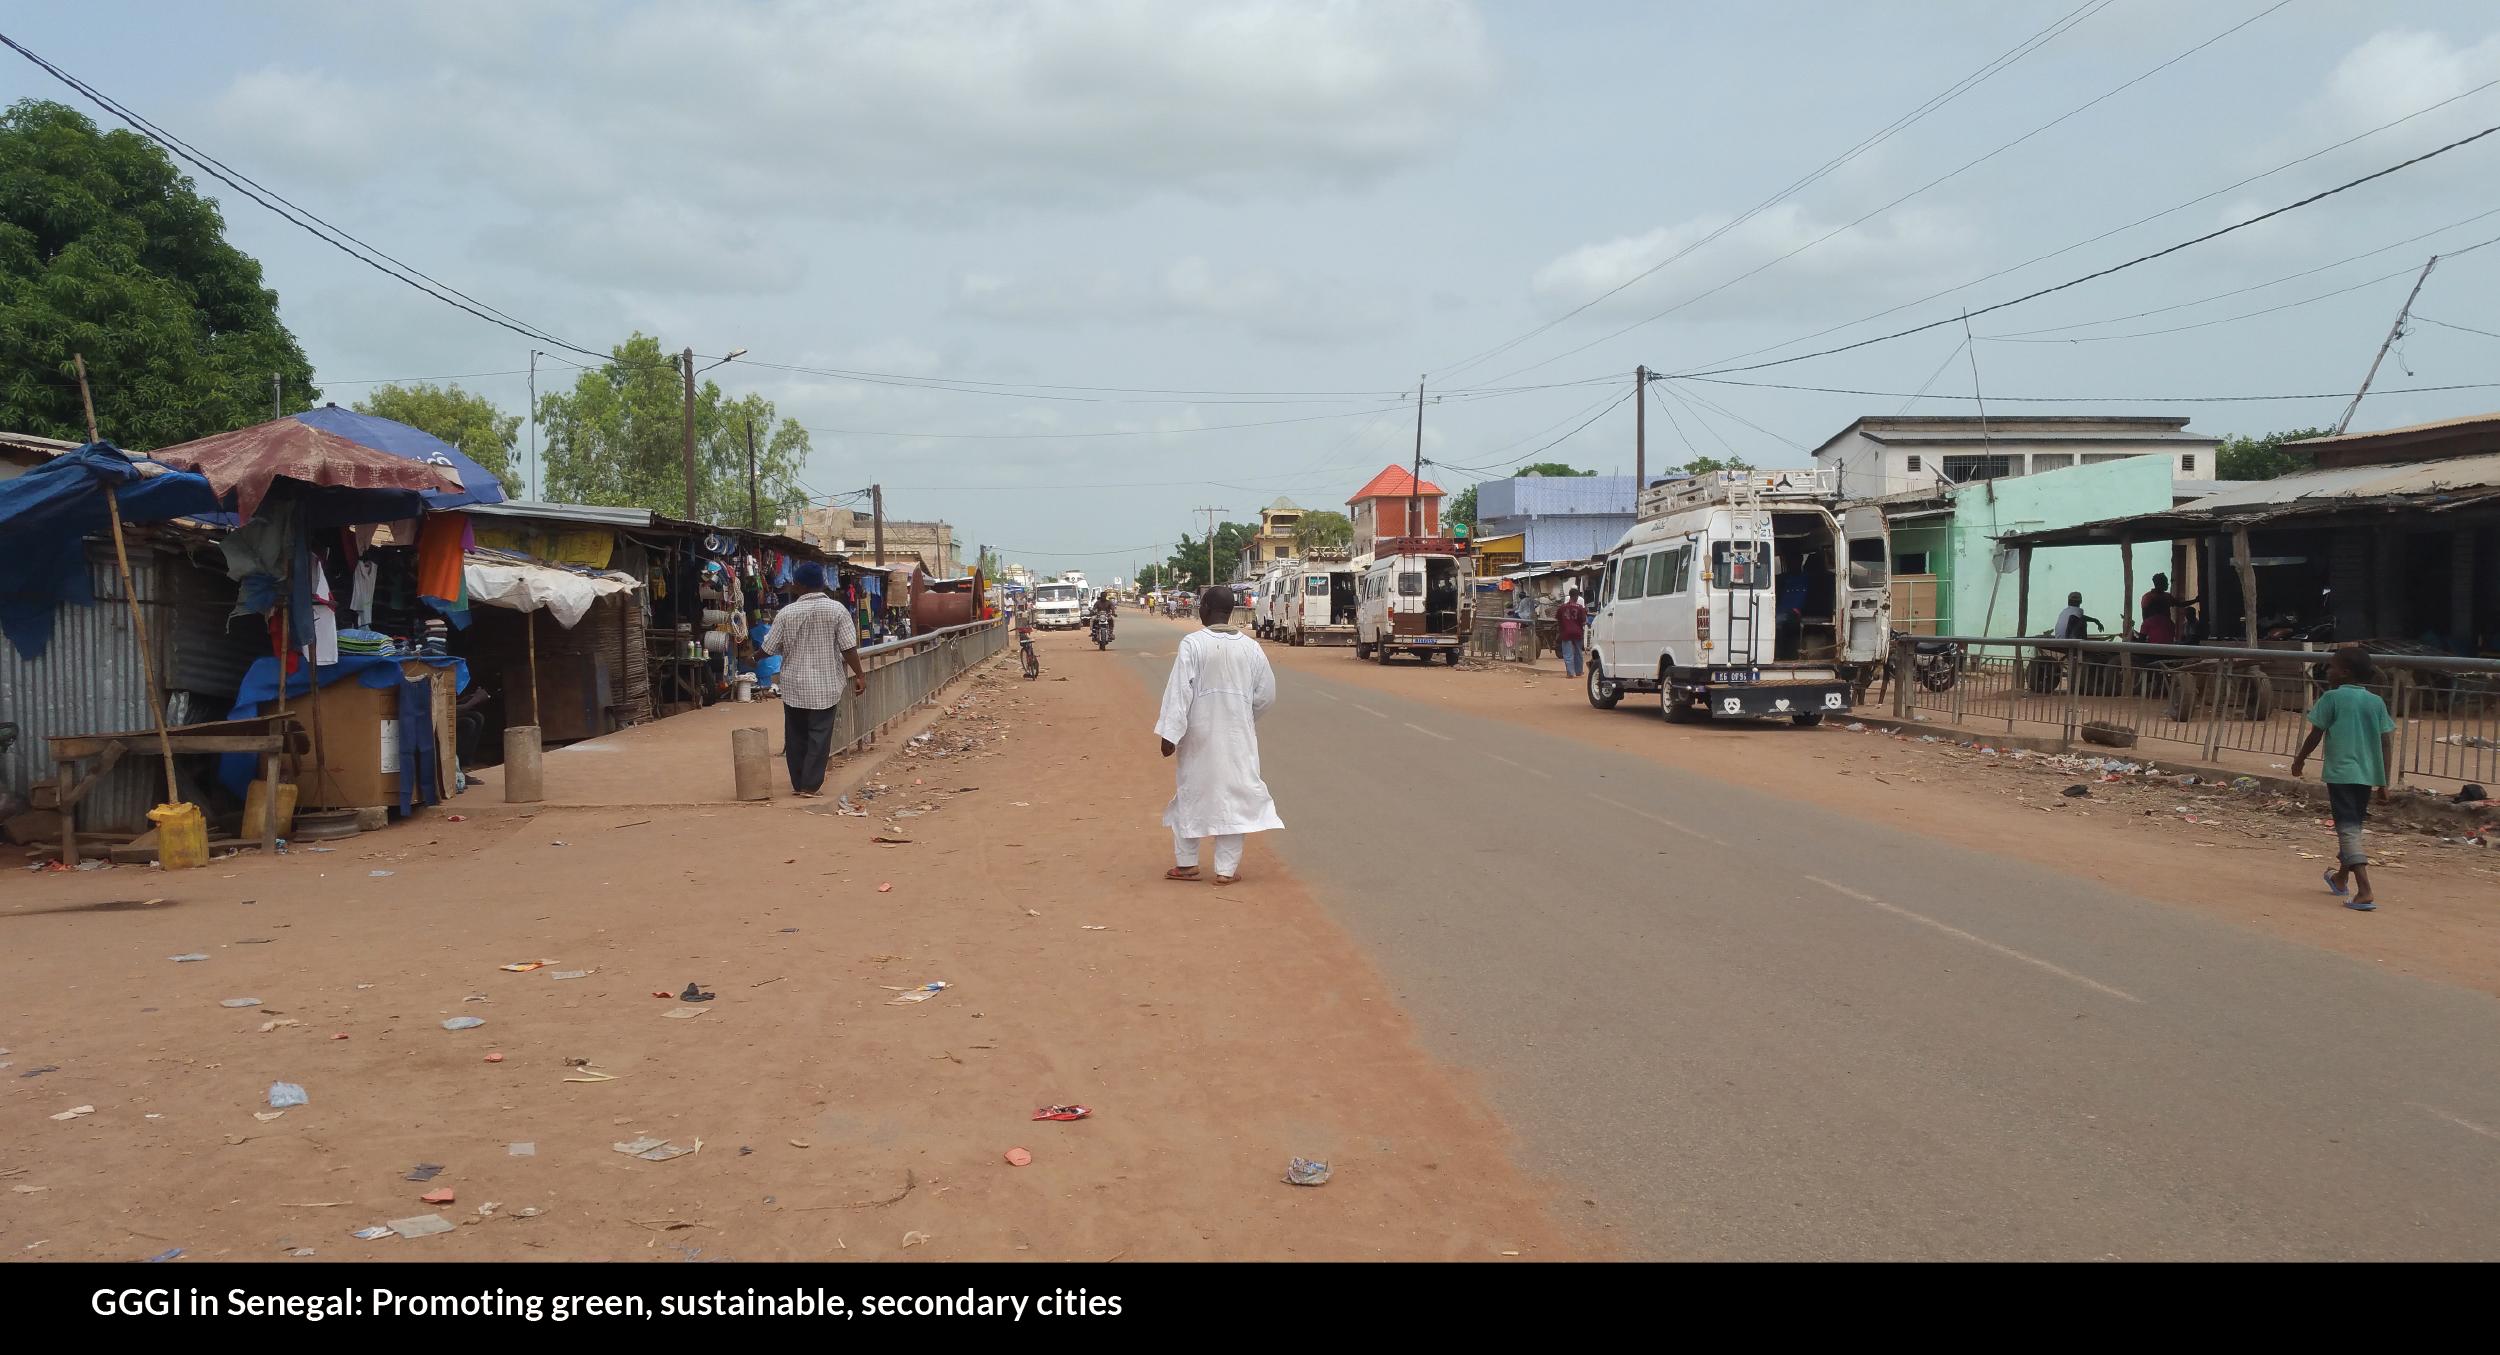 SS_Senegal_foto2-01